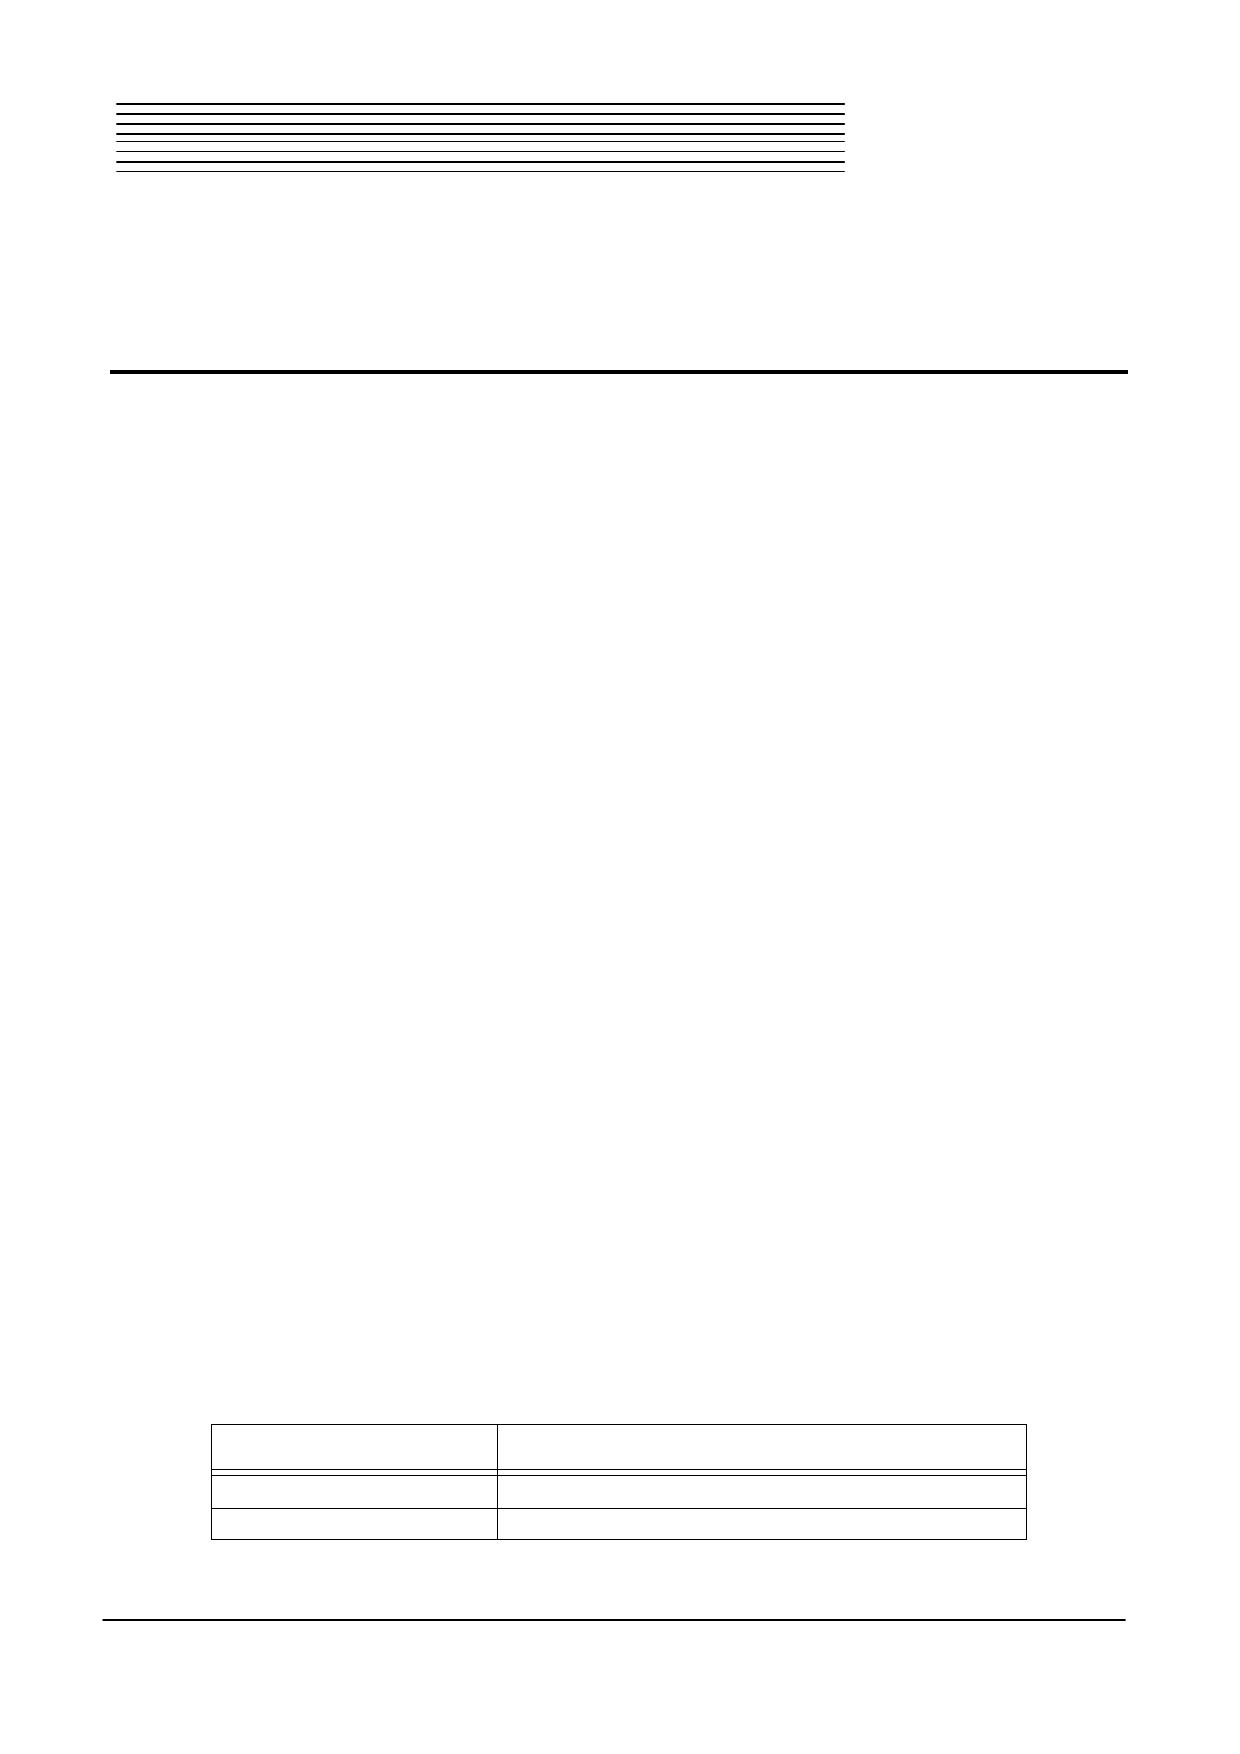 ST7066 Datenblatt PDF